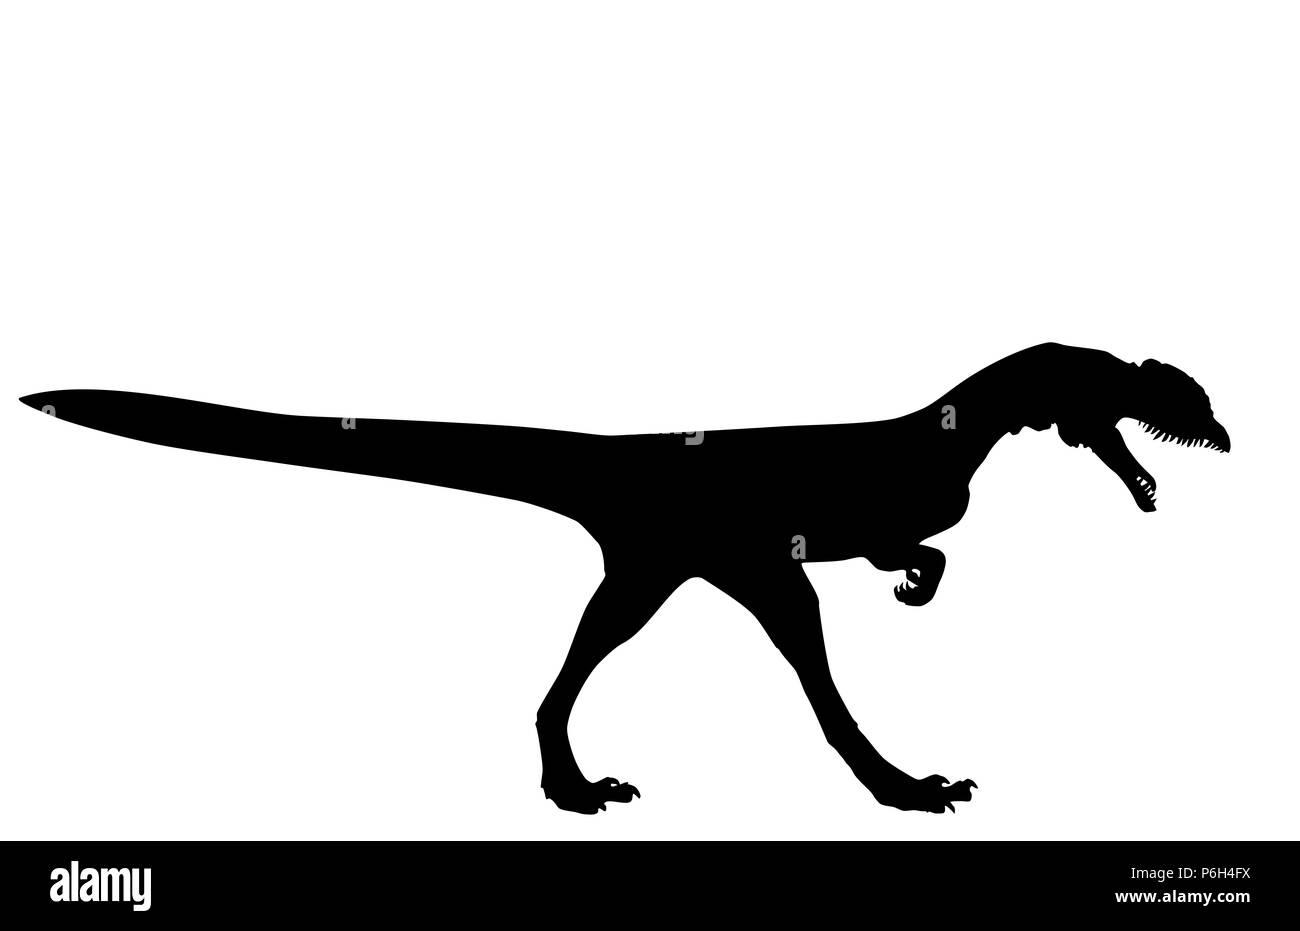 Dinosaur Dilophosaurus wetherilli black silhouette on white background, vector, eps 10 - Stock Image